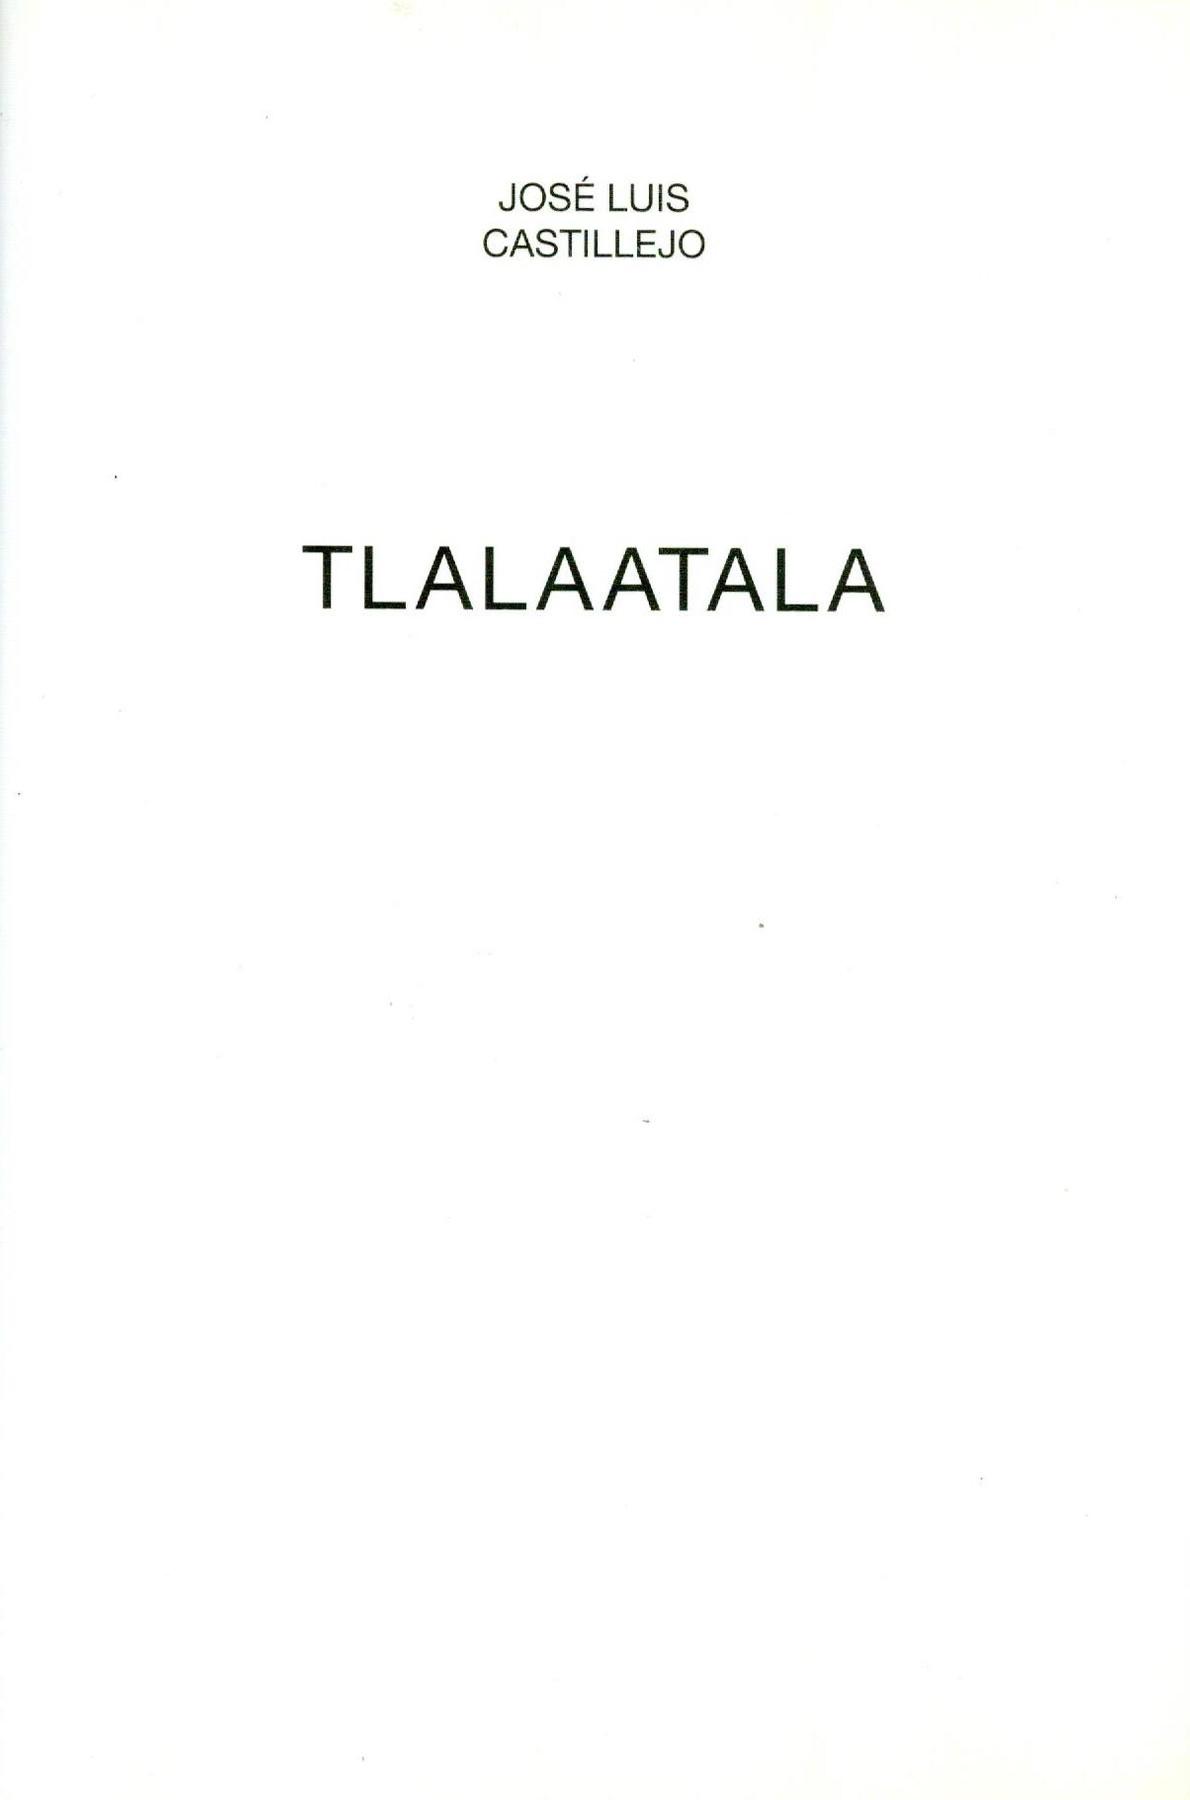 TLALAATALA - José Luis Castillejo